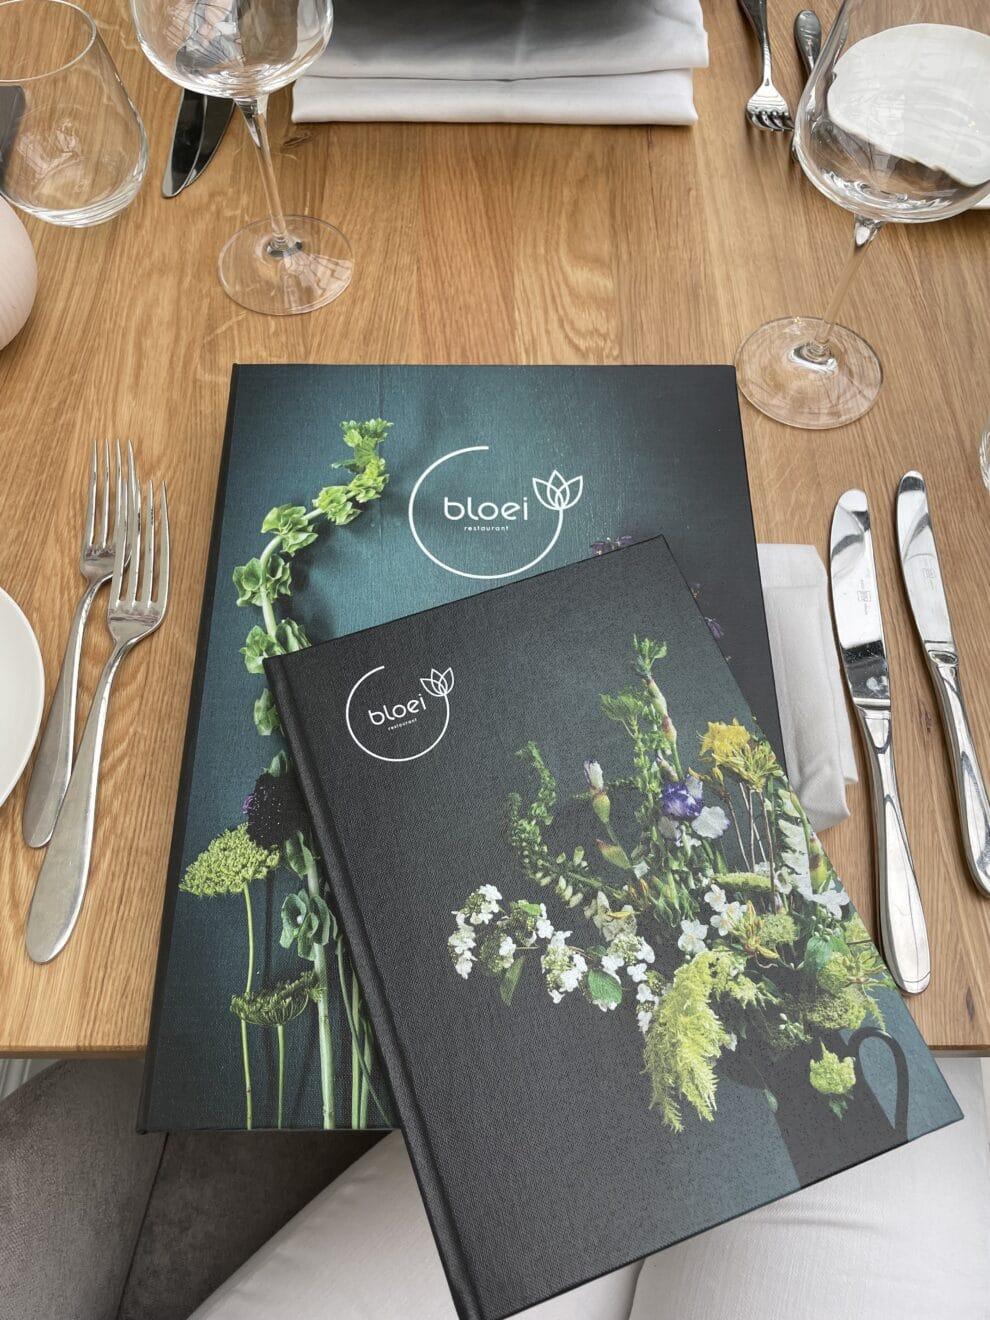 Restaurant Bloei aan de vecht